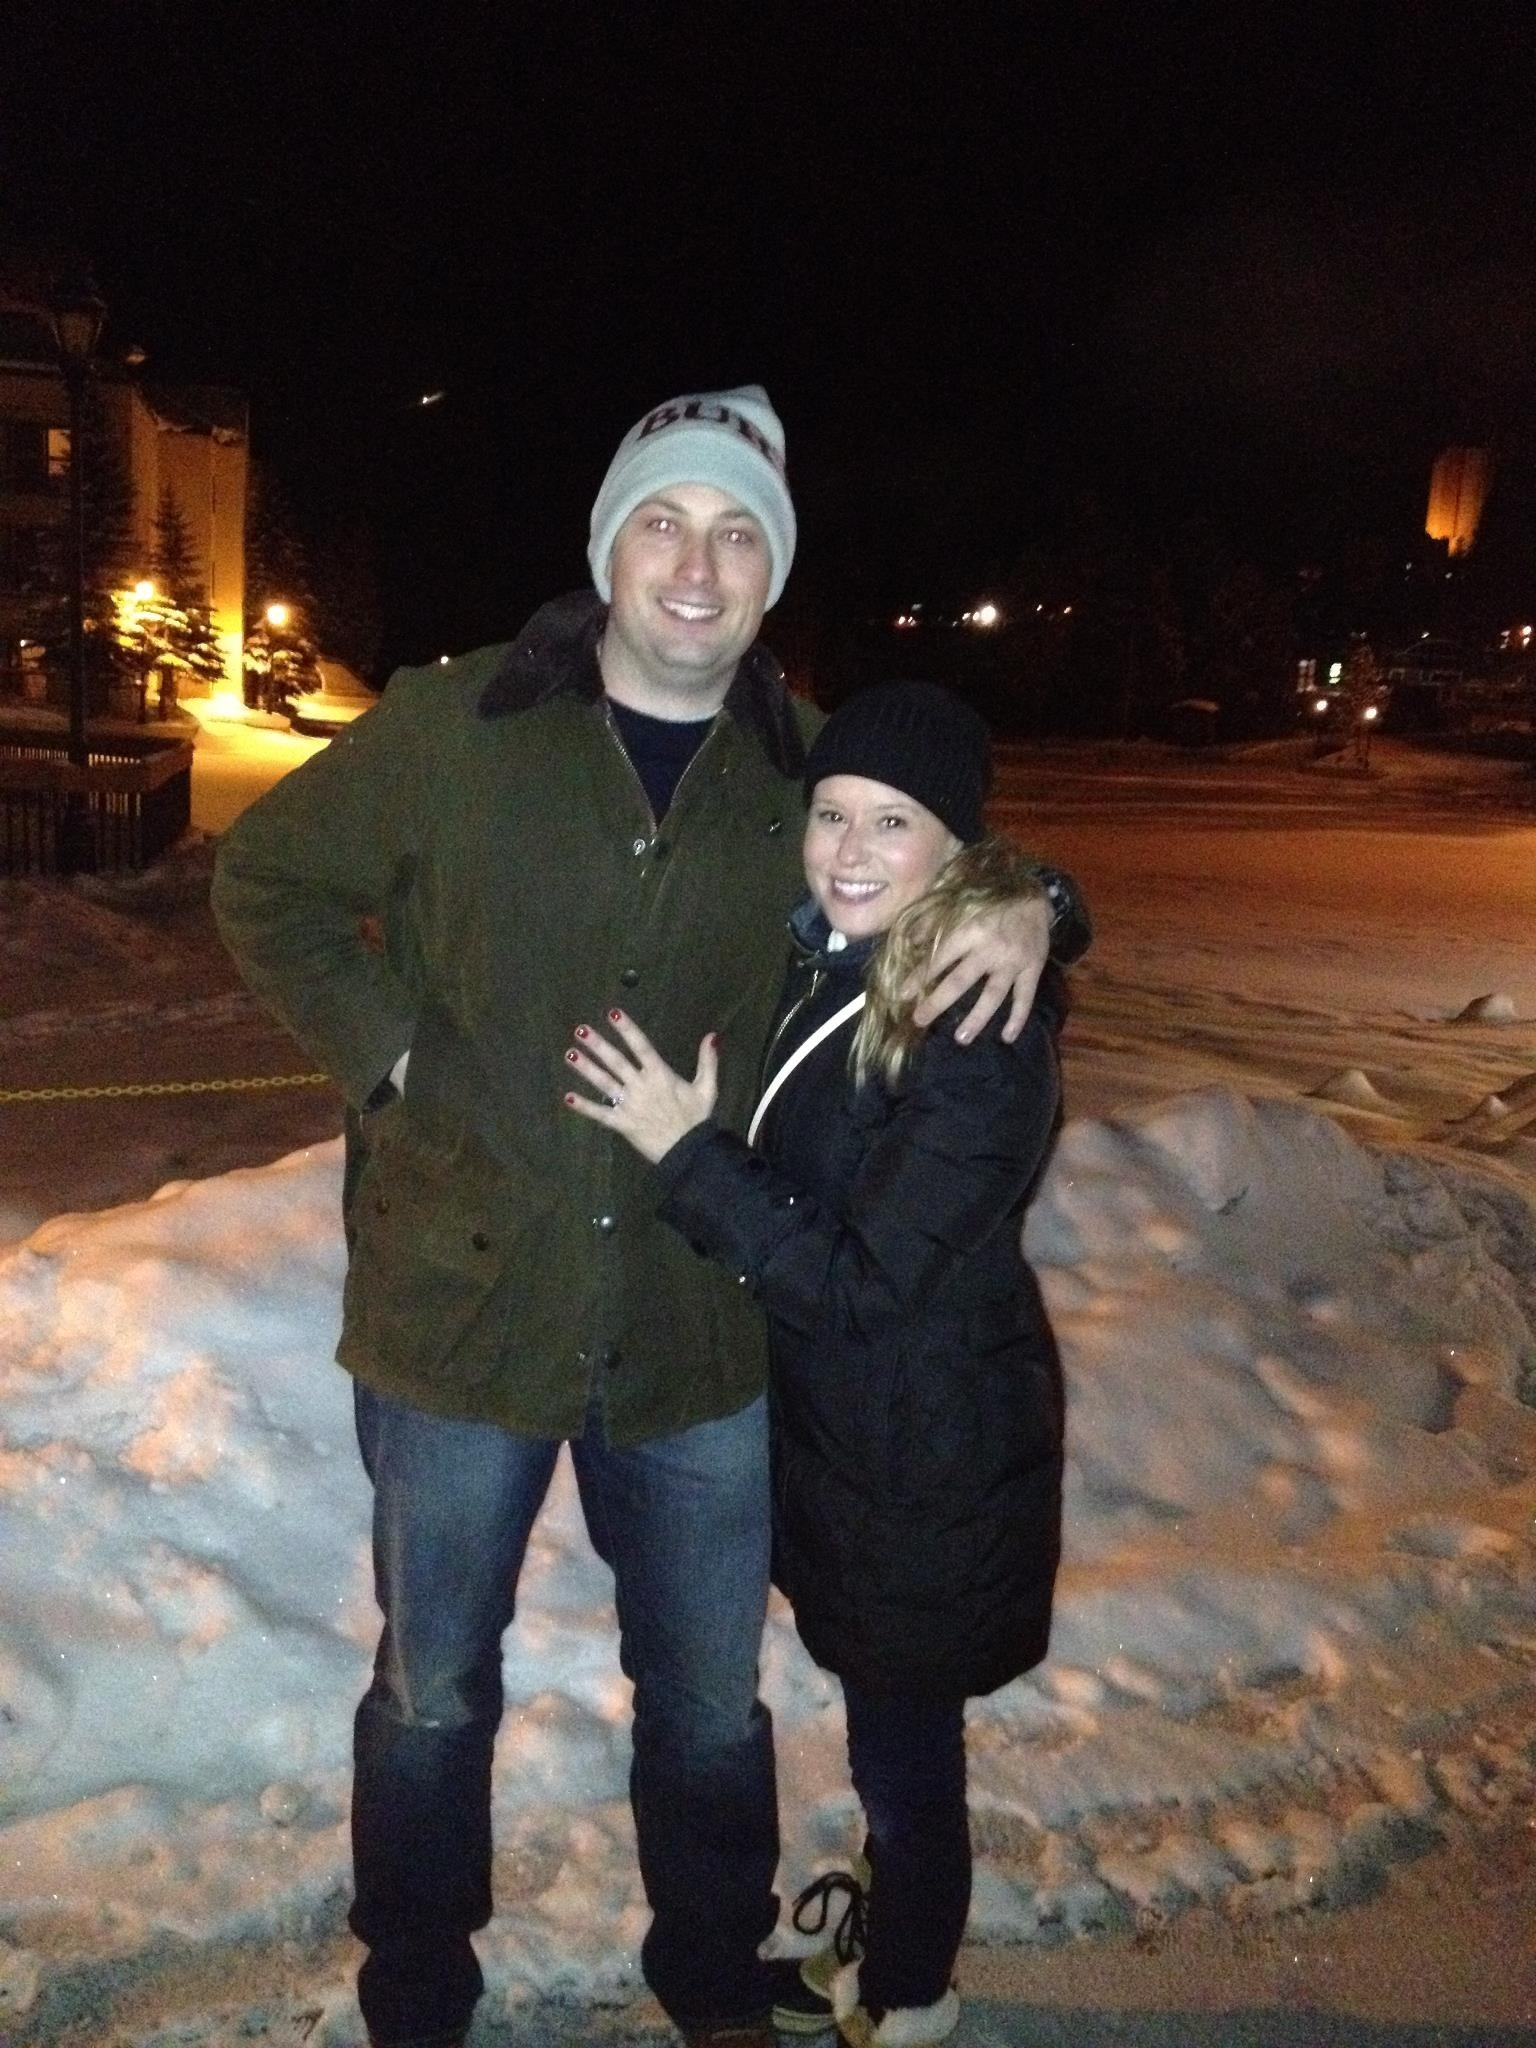 MON 03.11.13 Congrats Don & Nina!